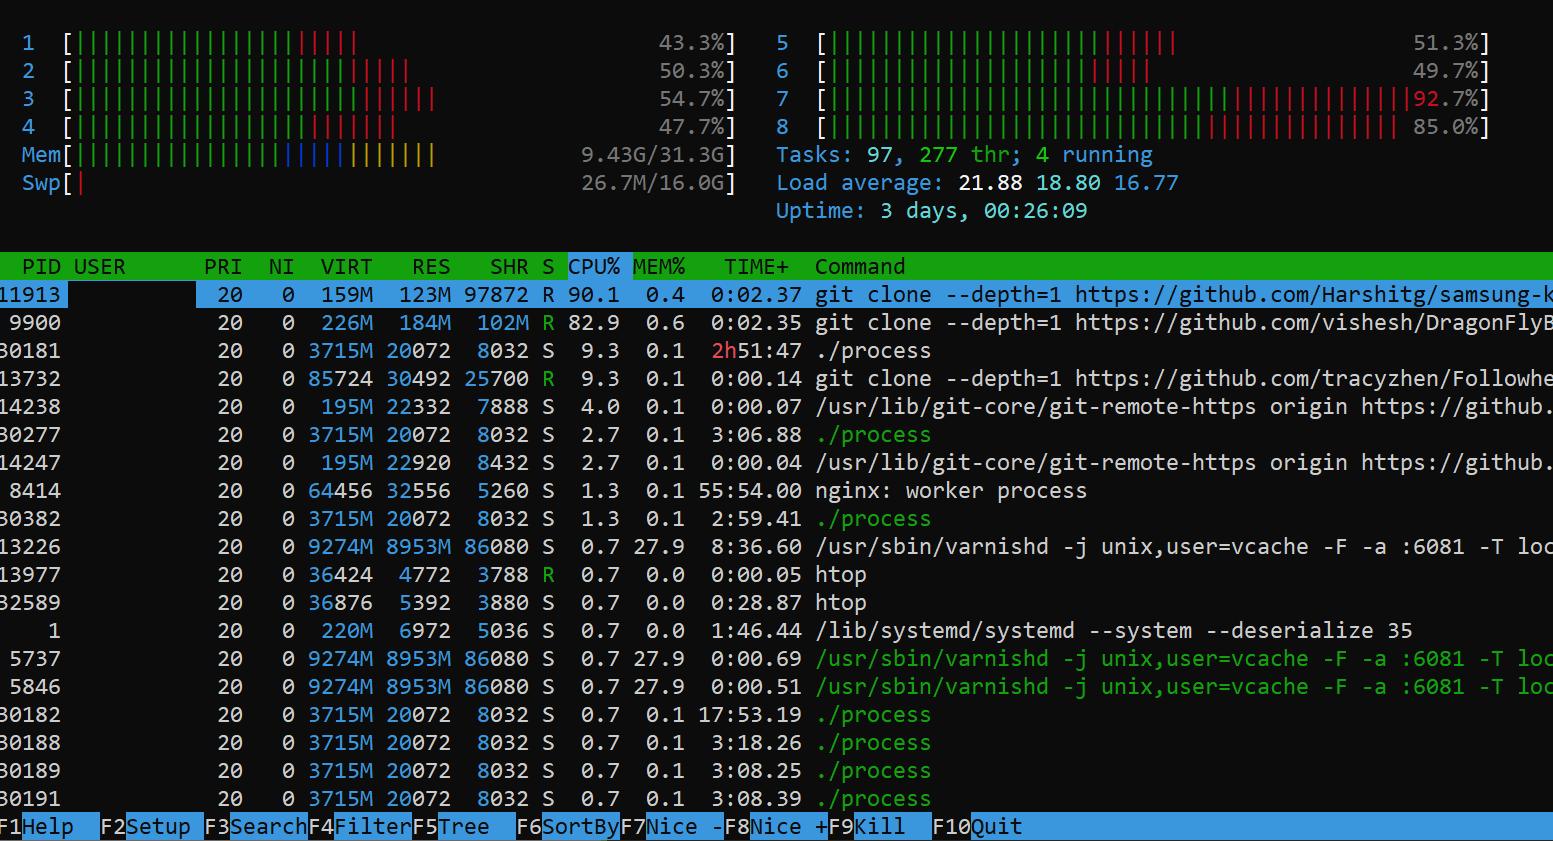 Обработка 40 ТБ кода из 10 млн проектов на выделенном сервере с Go за $100 - 1